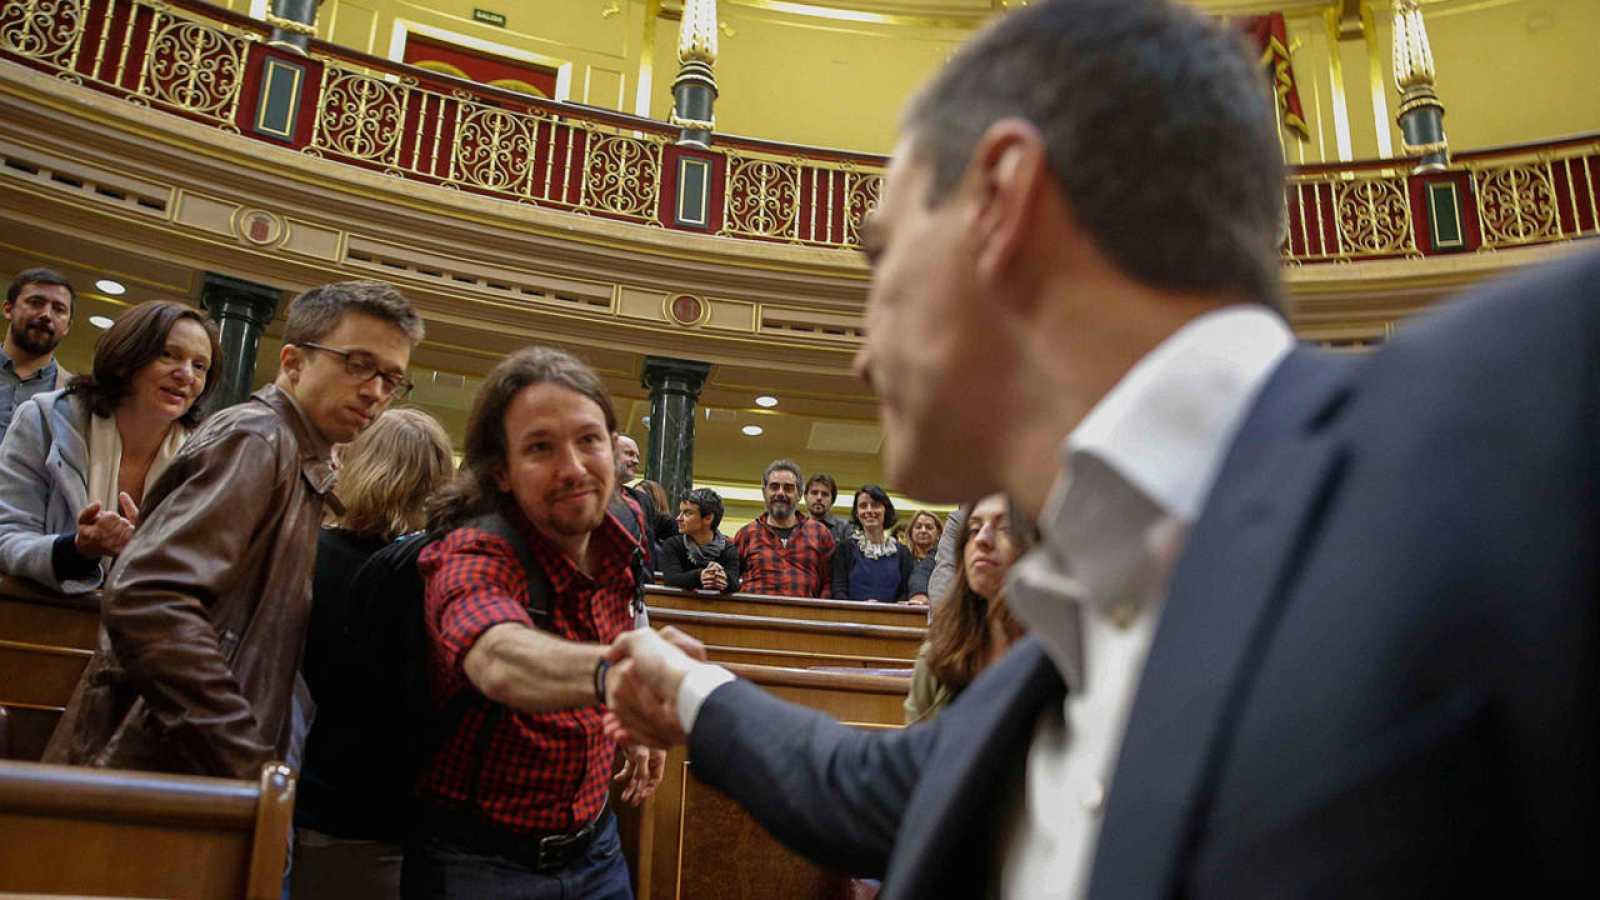 Pablo Iglesias y Pedro Sánchez se saludan en el hemiciclo del Congreso, el pasado mes de abril.